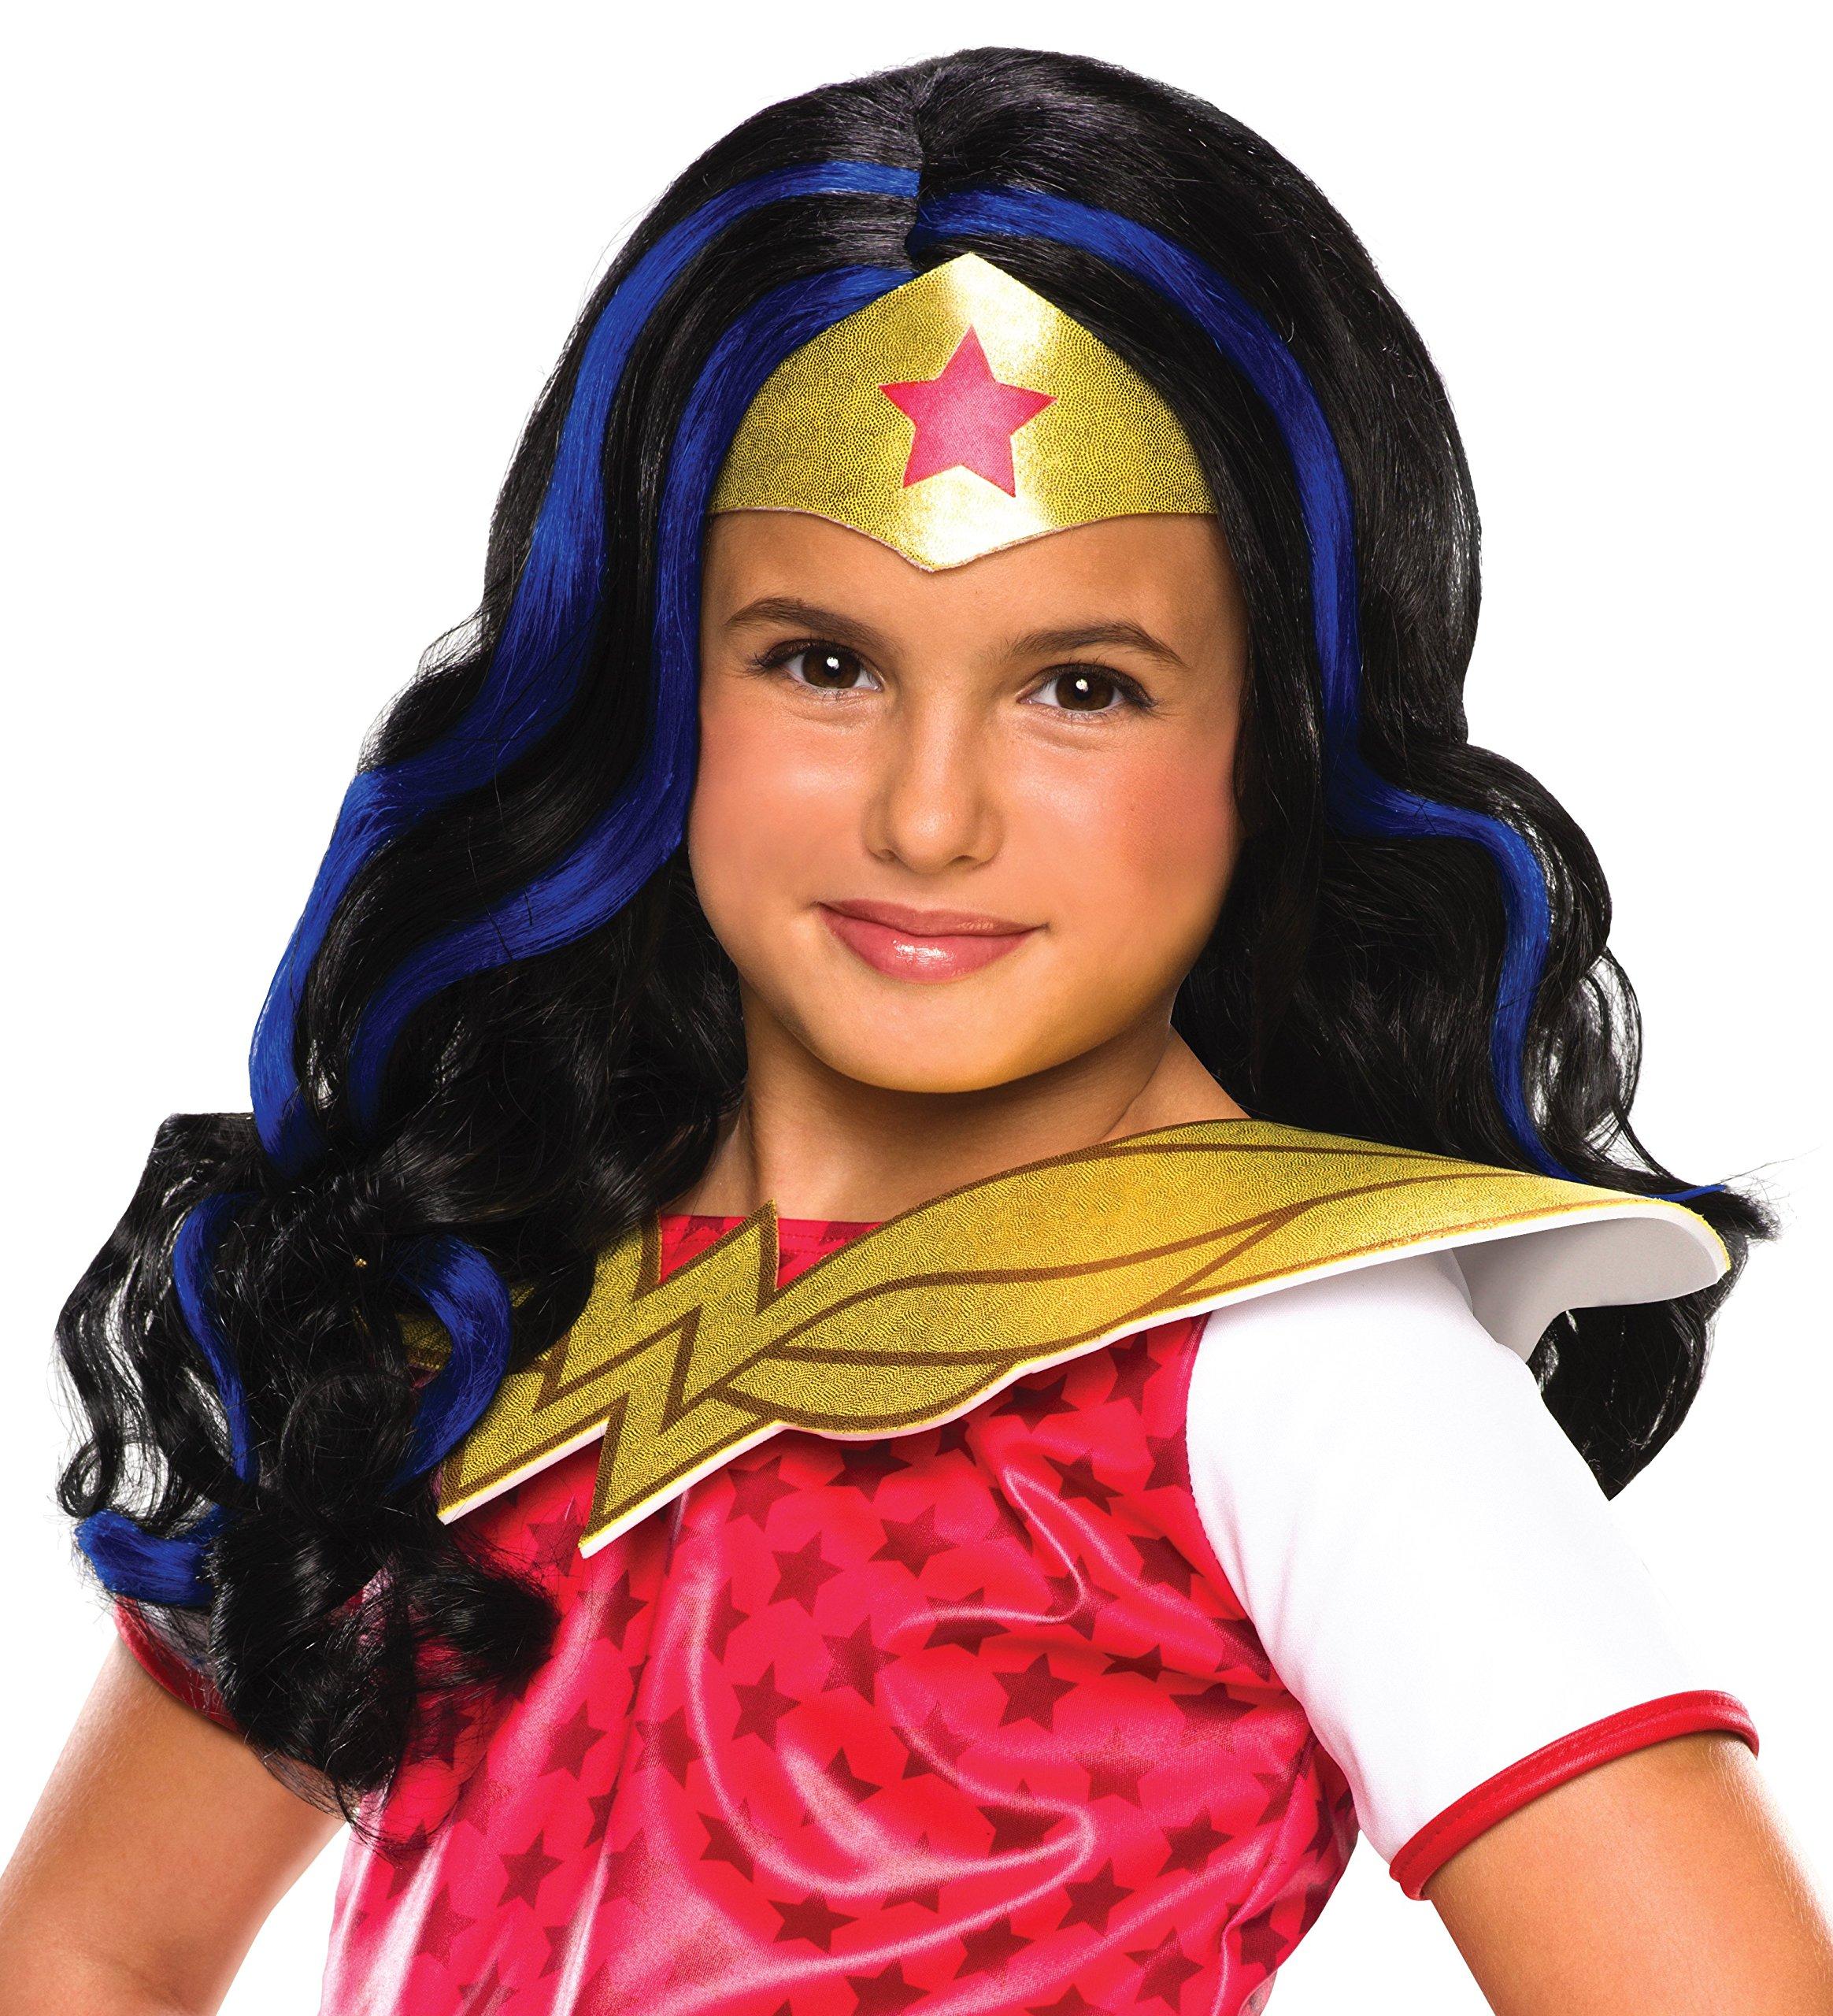 Cheap Wonder Woman Shirt Girls, find Wonder Woman Shirt Girls deals ... e32c5ad657